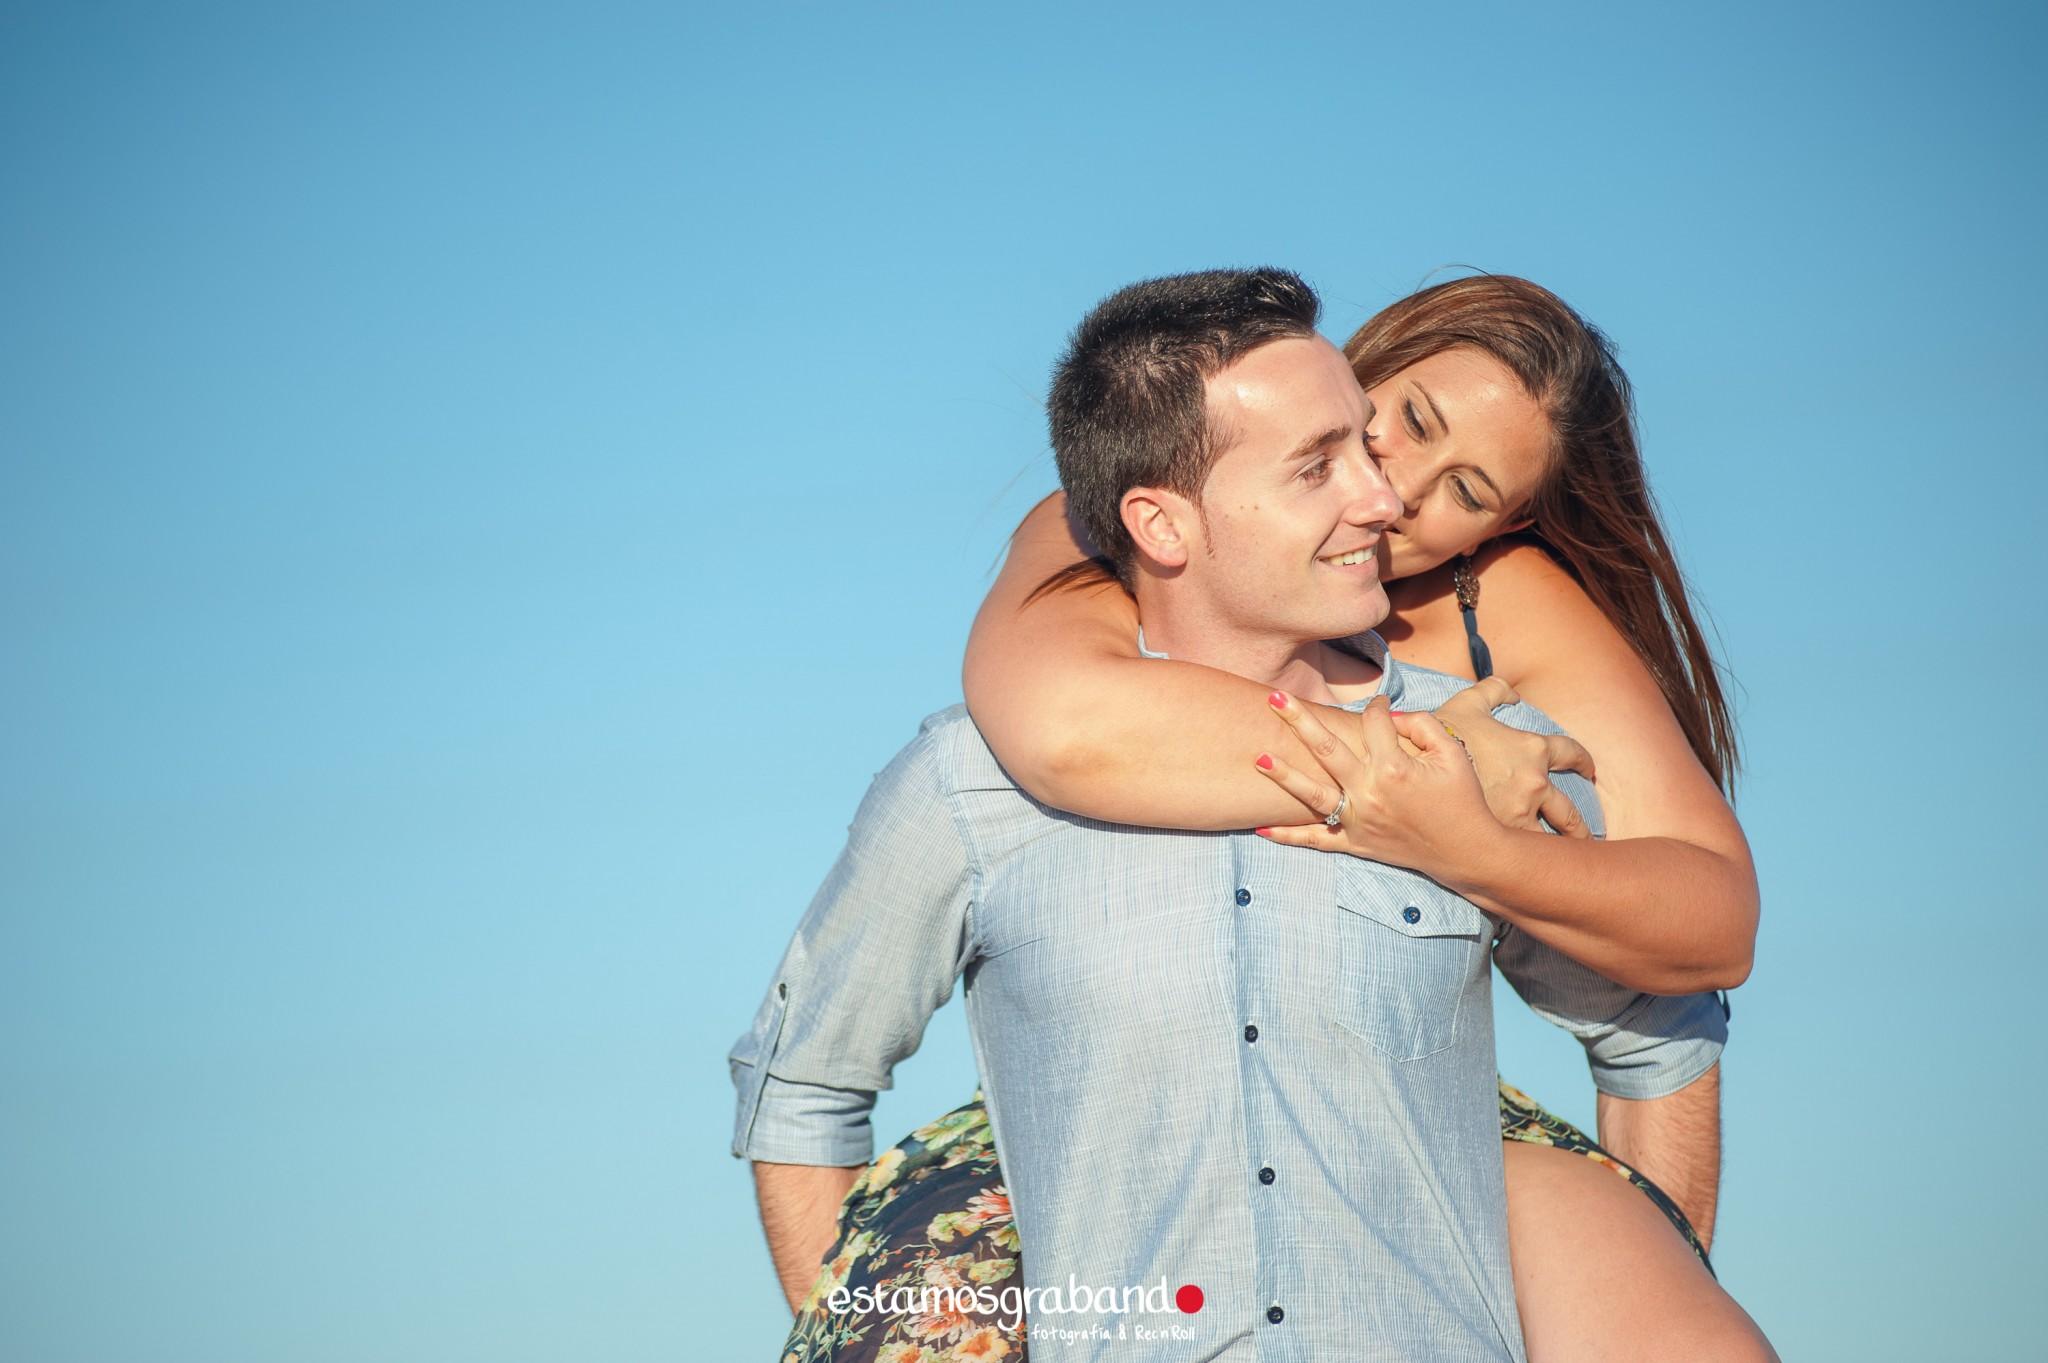 preboda-may-y-sergio-preboda-sesion-rec-and-rollera-fotos-de-pareja-e-session-fotos-boda-jerez-fotos-boda-jerez_-36 10 días [Preboda May & Sergio] - video boda cadiz